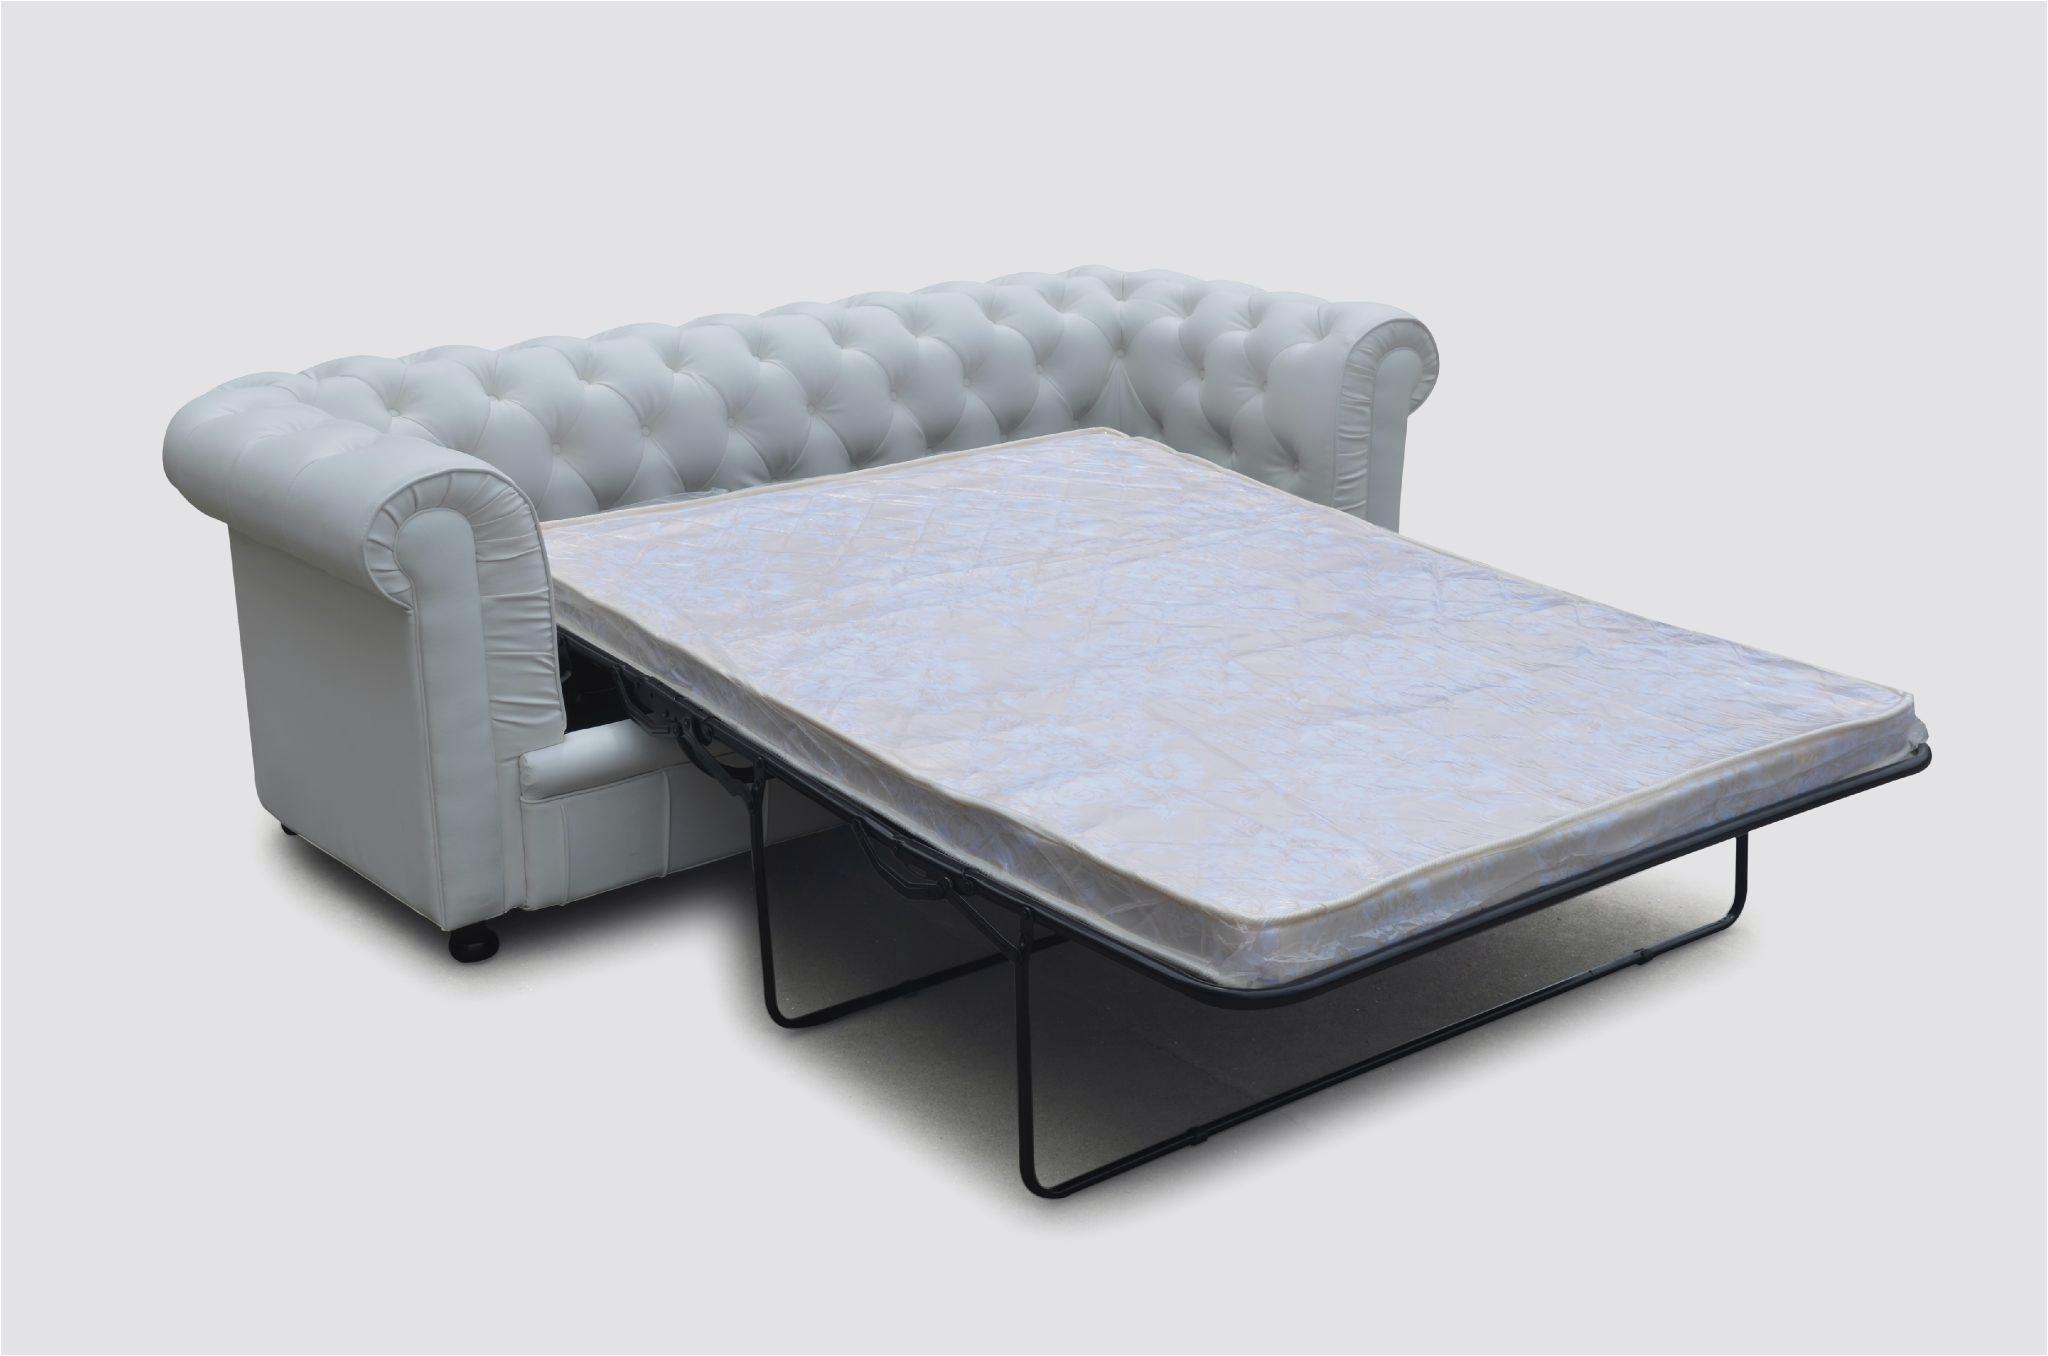 Canapé Convertible soflit Unique Image Génial Canape Lit Pas Cher